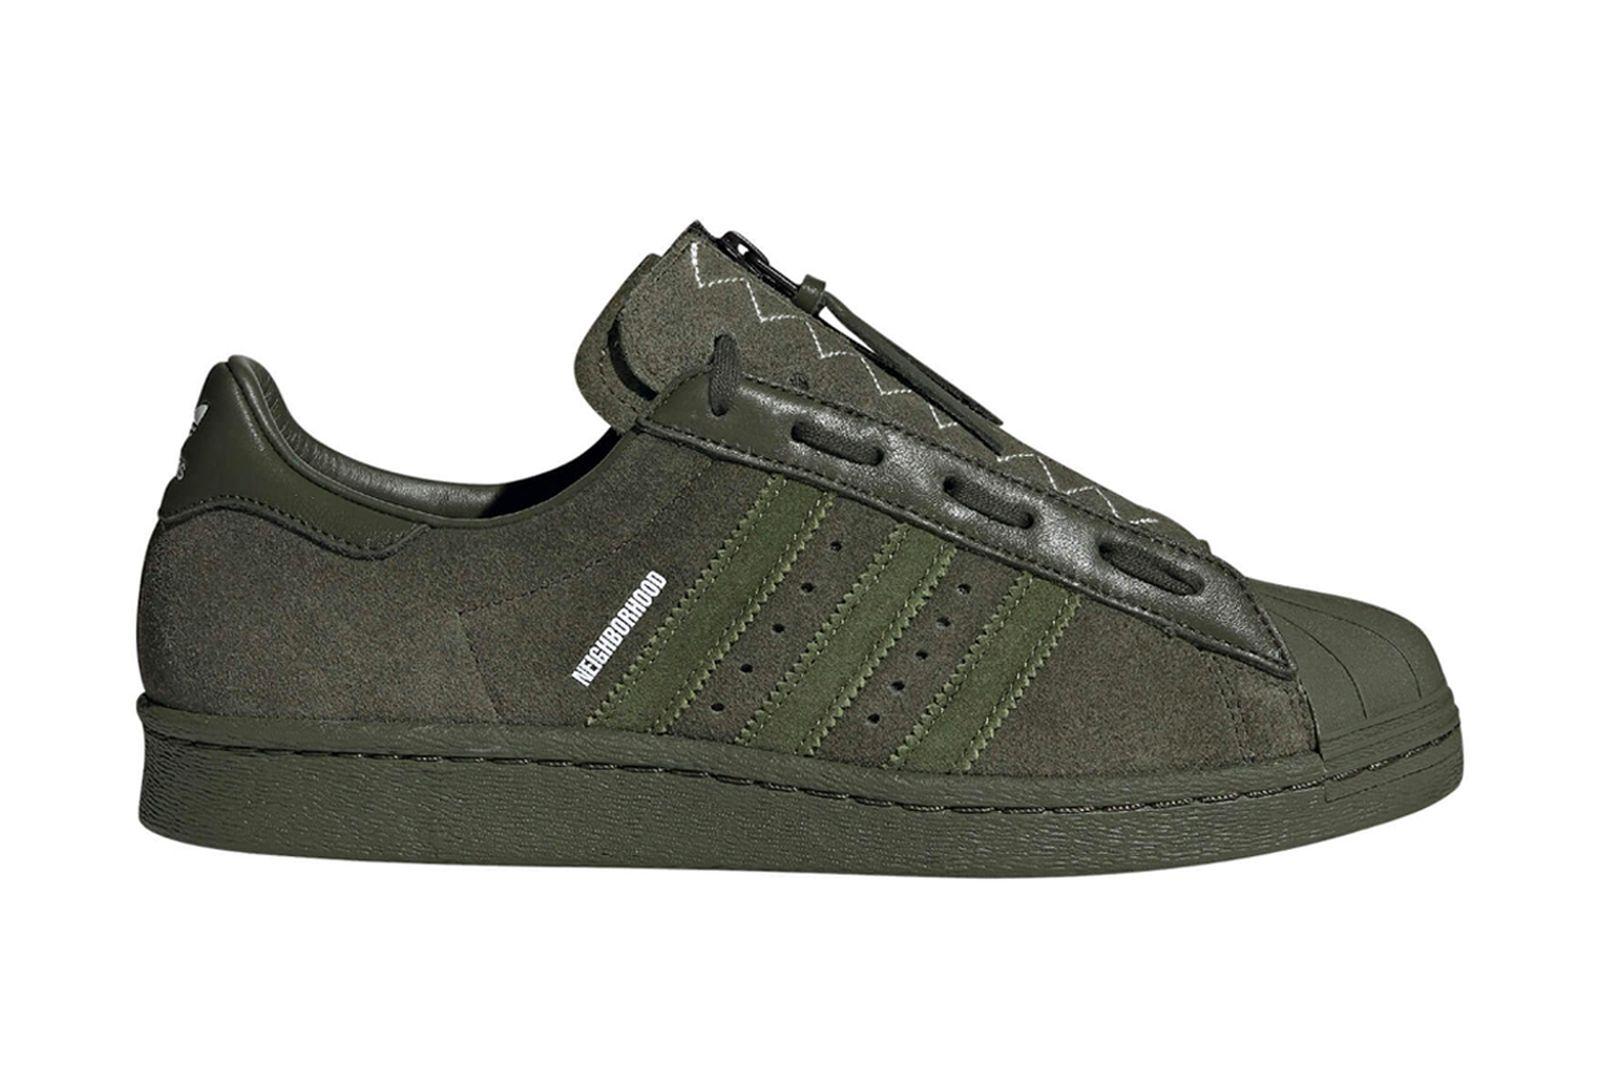 neighborhood-adidas-originals-superstar-80s-release-info-08